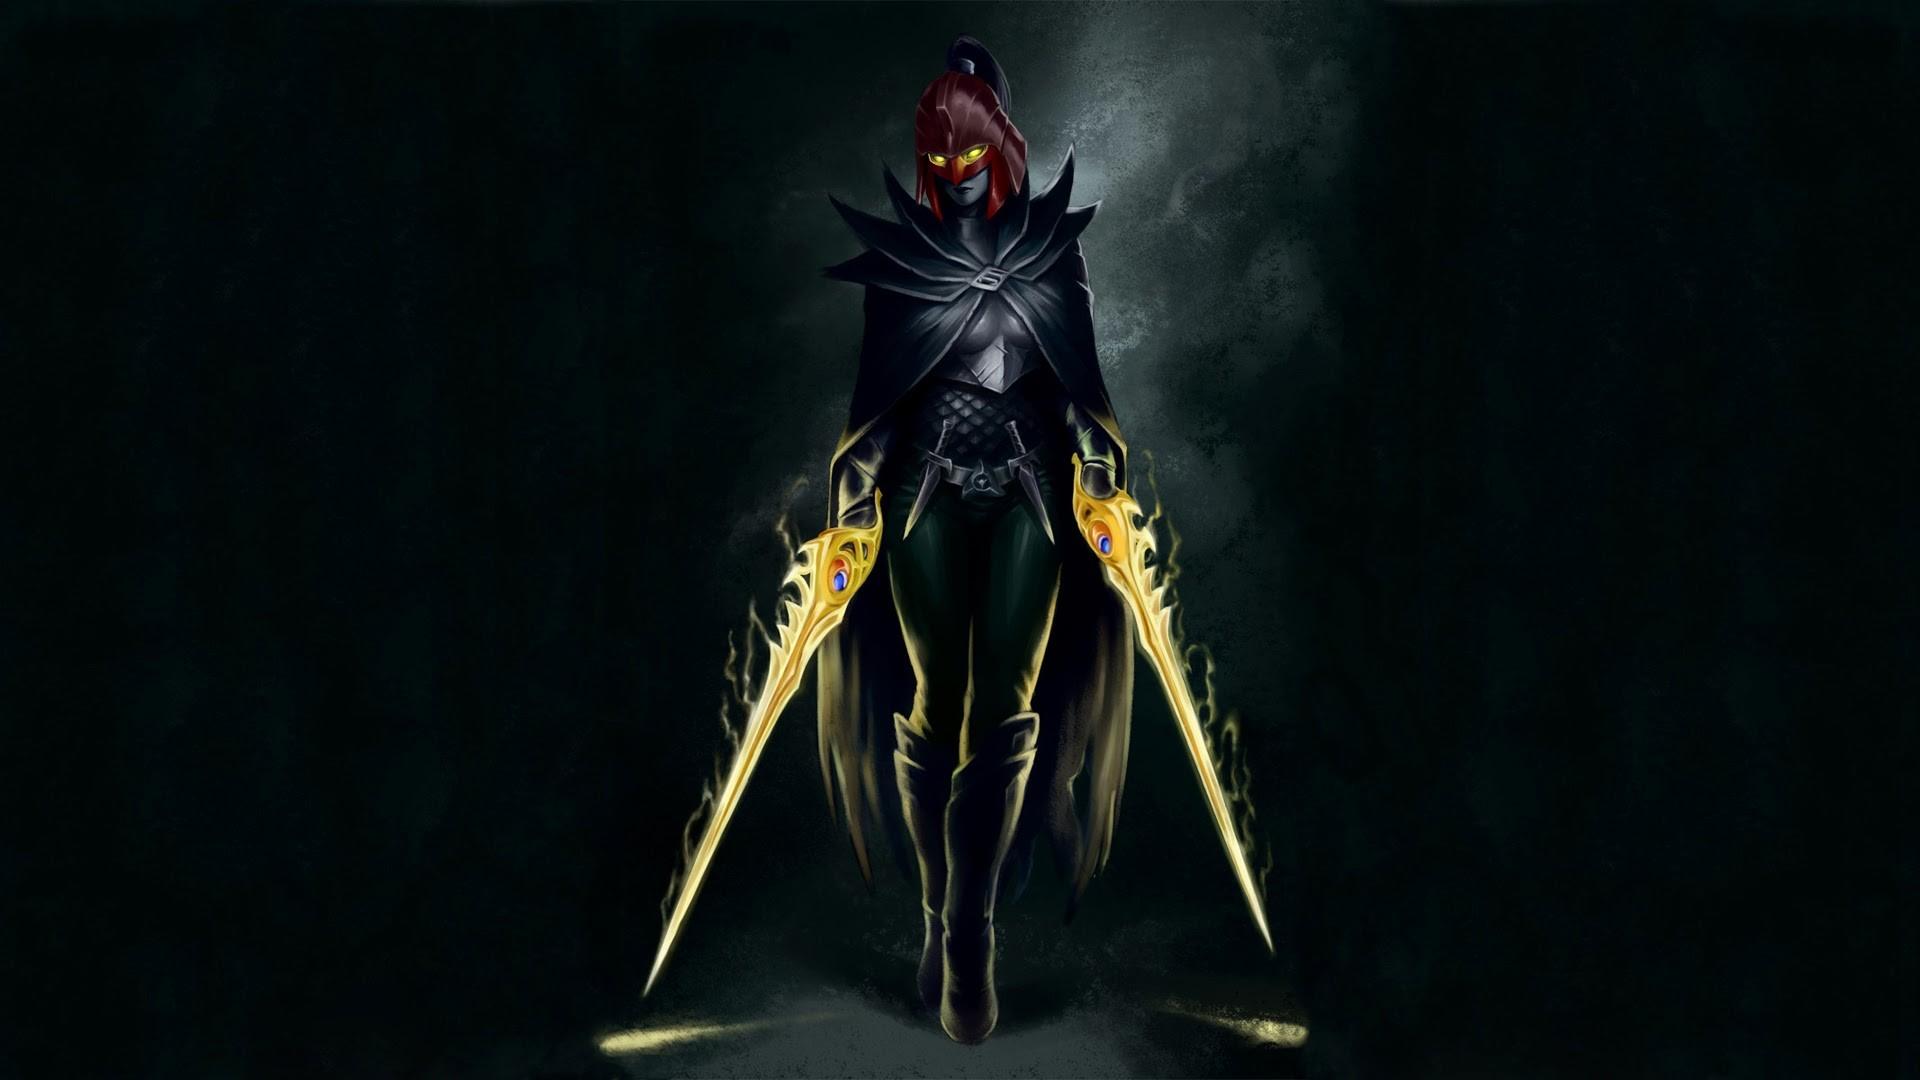 templar assassin lanaya dota 2 hd wallpaper 9j